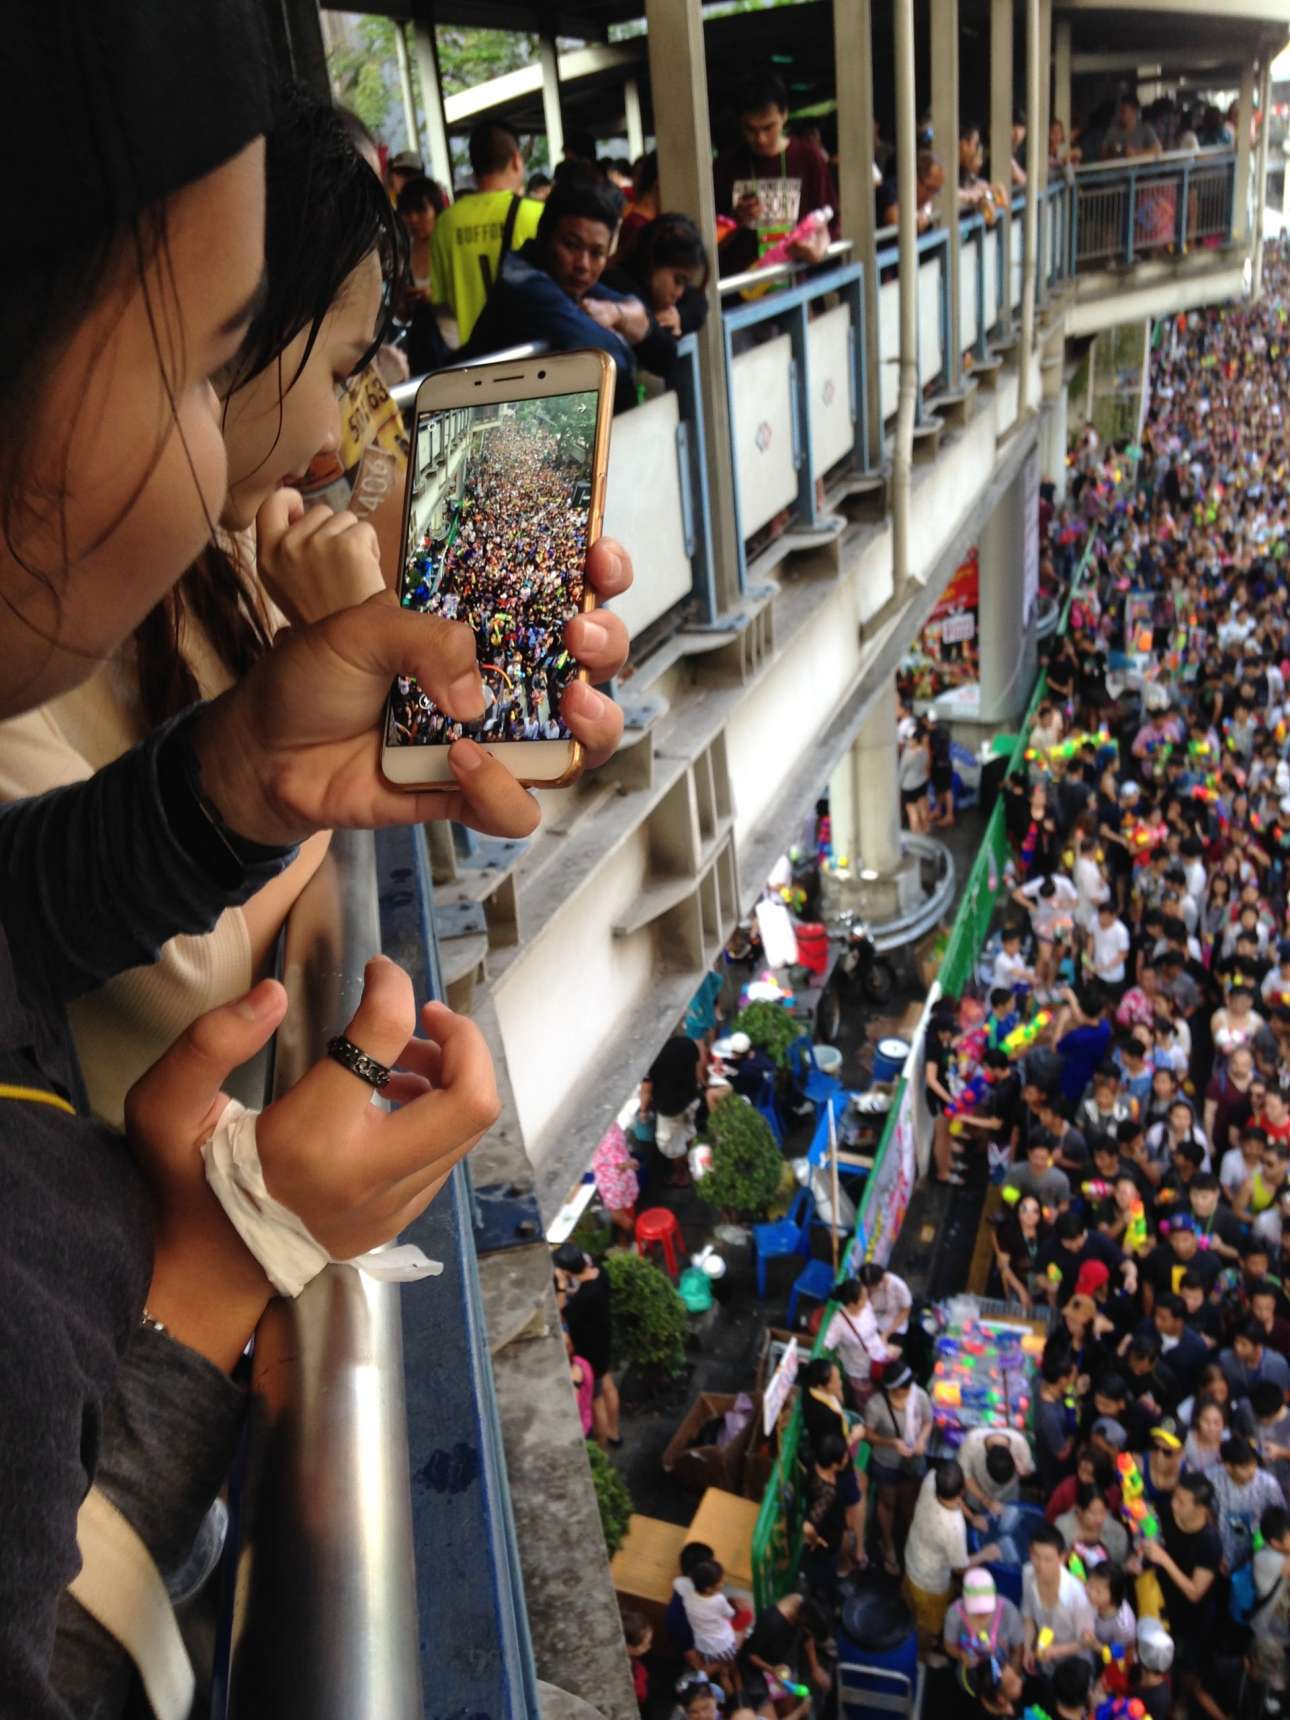 Φιναλίστ κατηγορία Ανθρωποι. Πλήθος κόσμου βγαίνει στους δρόμους της Μπανγκόκ...και στην οθόνη του κινητού, για να γιορτάσει το Φεστιβάλ Songkran, εθνική γιορτή της Ταϊλάνδης που σηματοδοτεί την έναρξη της νέας χρονιάς